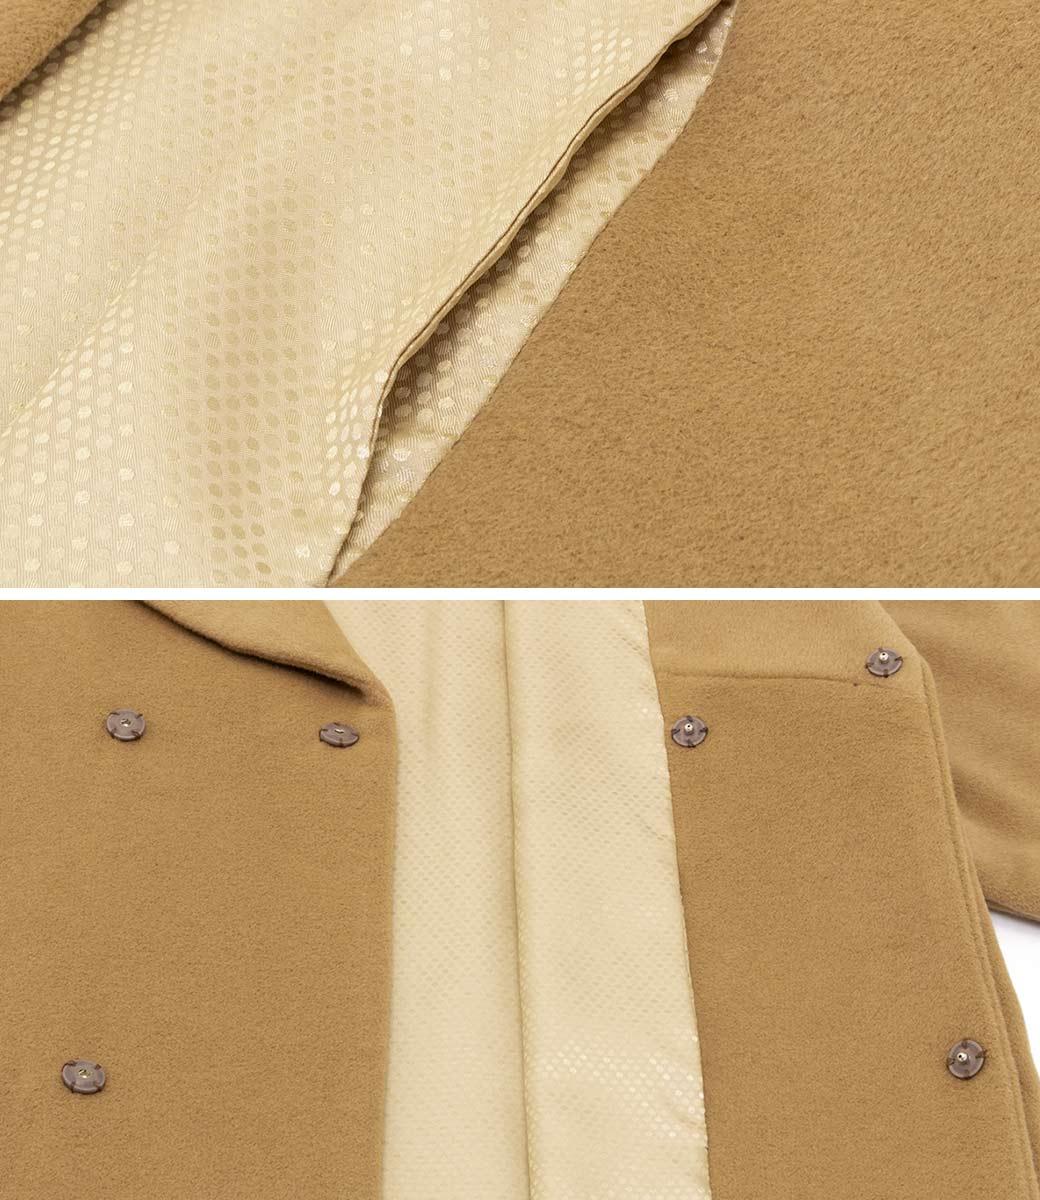 やさしい肌触りの着物用コート